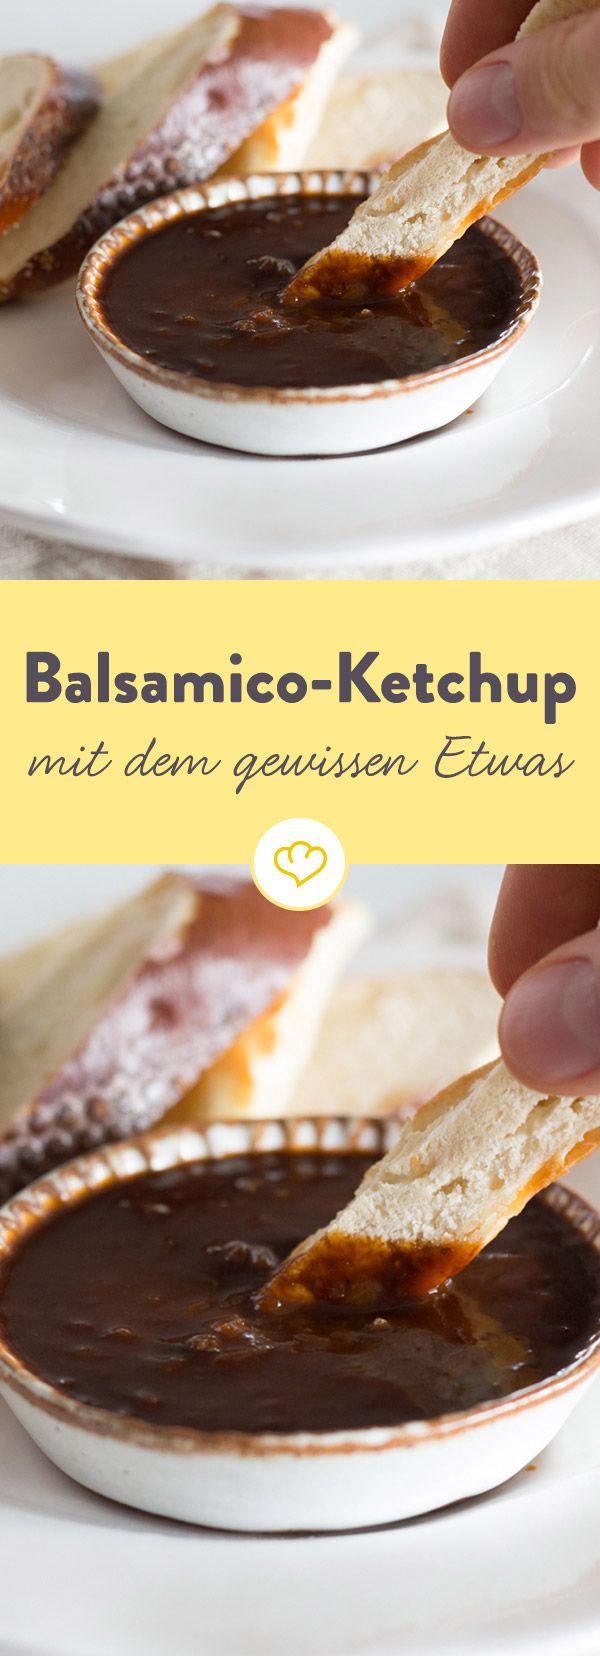 Balsamico macht sich nicht nur prima im Salatdressing, sondern gibt auch selbstgemachtem Tomatenketchup den letzten Schliff. Gleich ausprobieren.